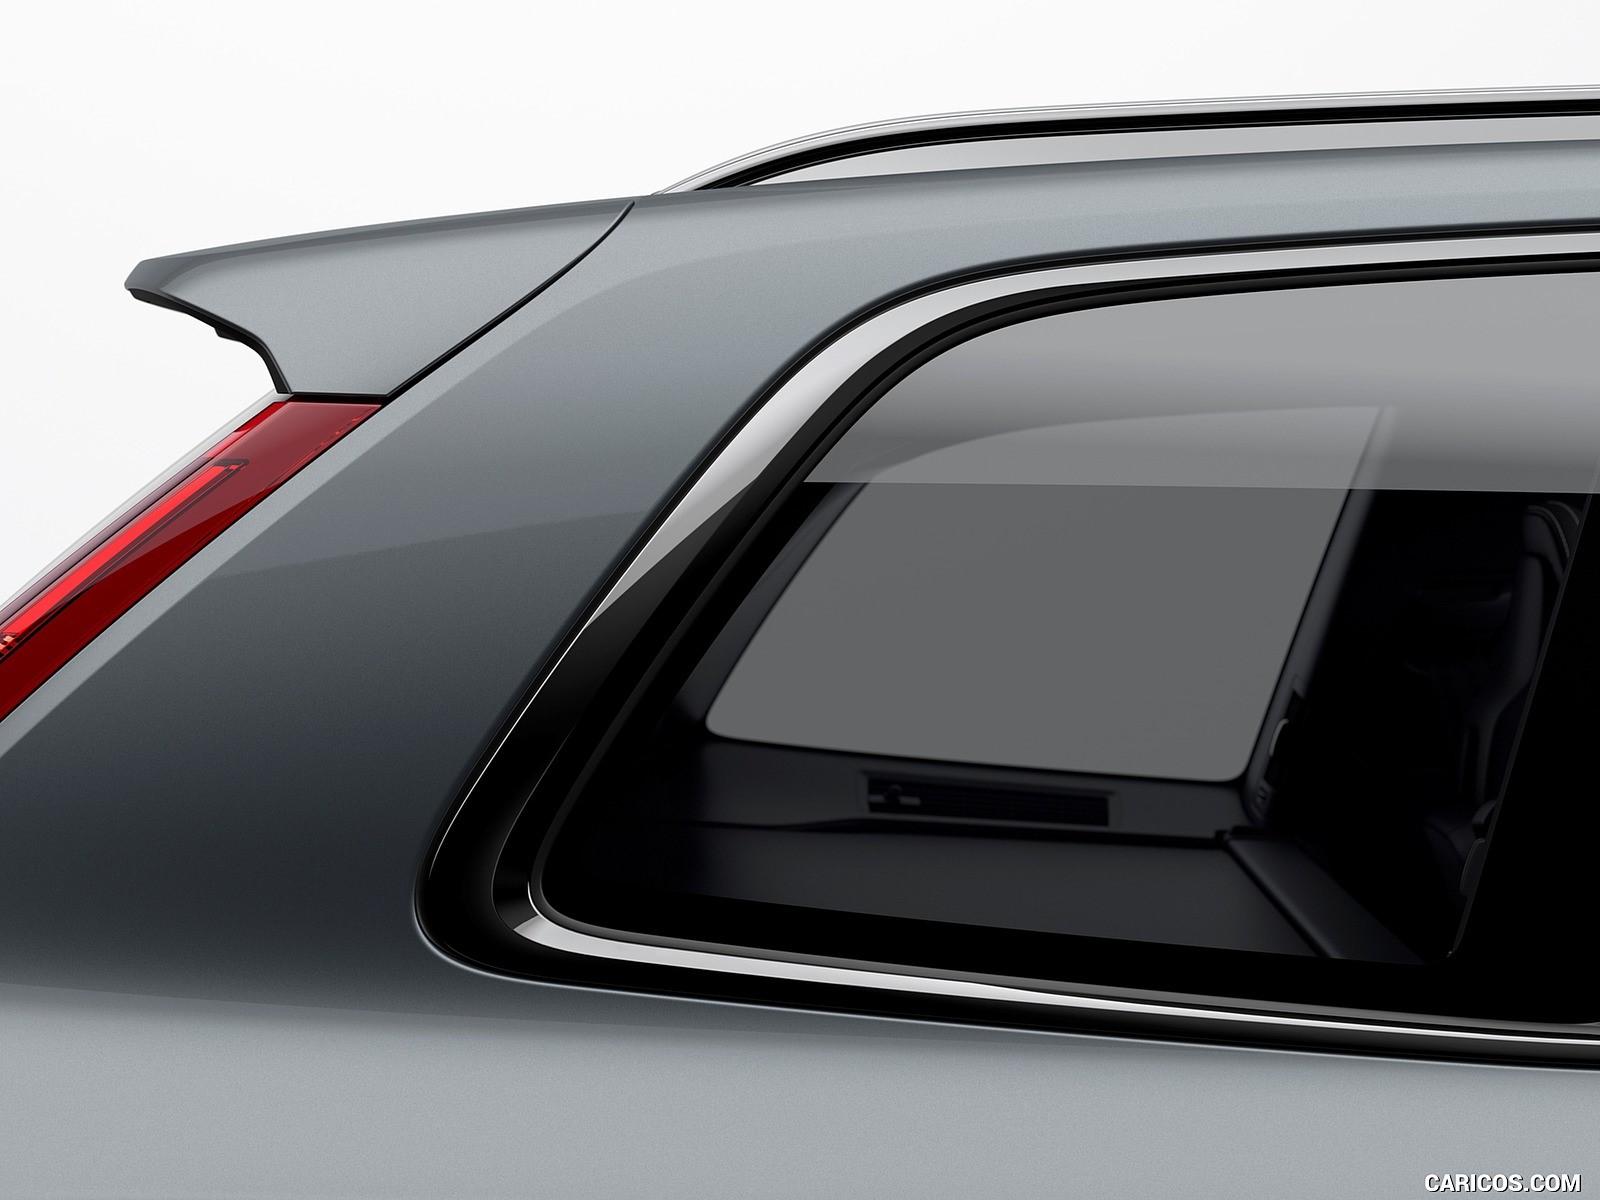 2020 Volvo XC90 hd foto